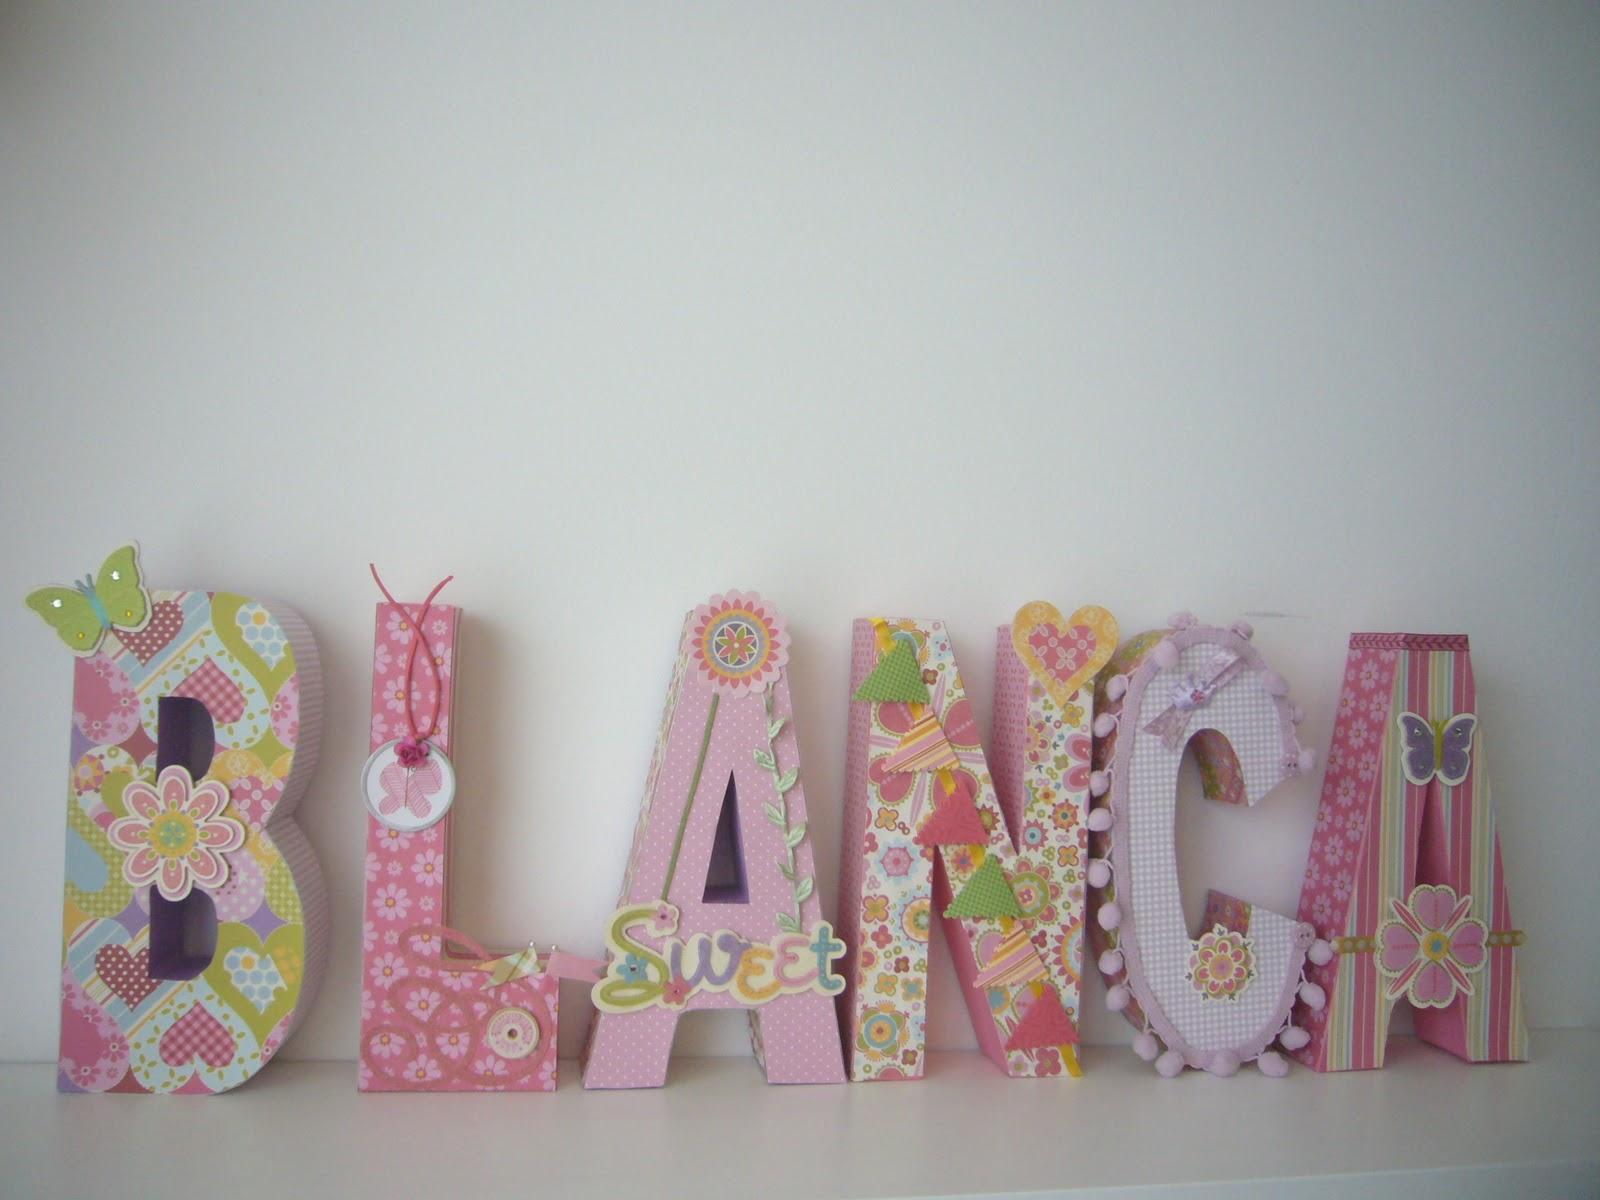 Desvan de scrap bonitas letras decoradas para blanca - Letras decoradas scrap ...